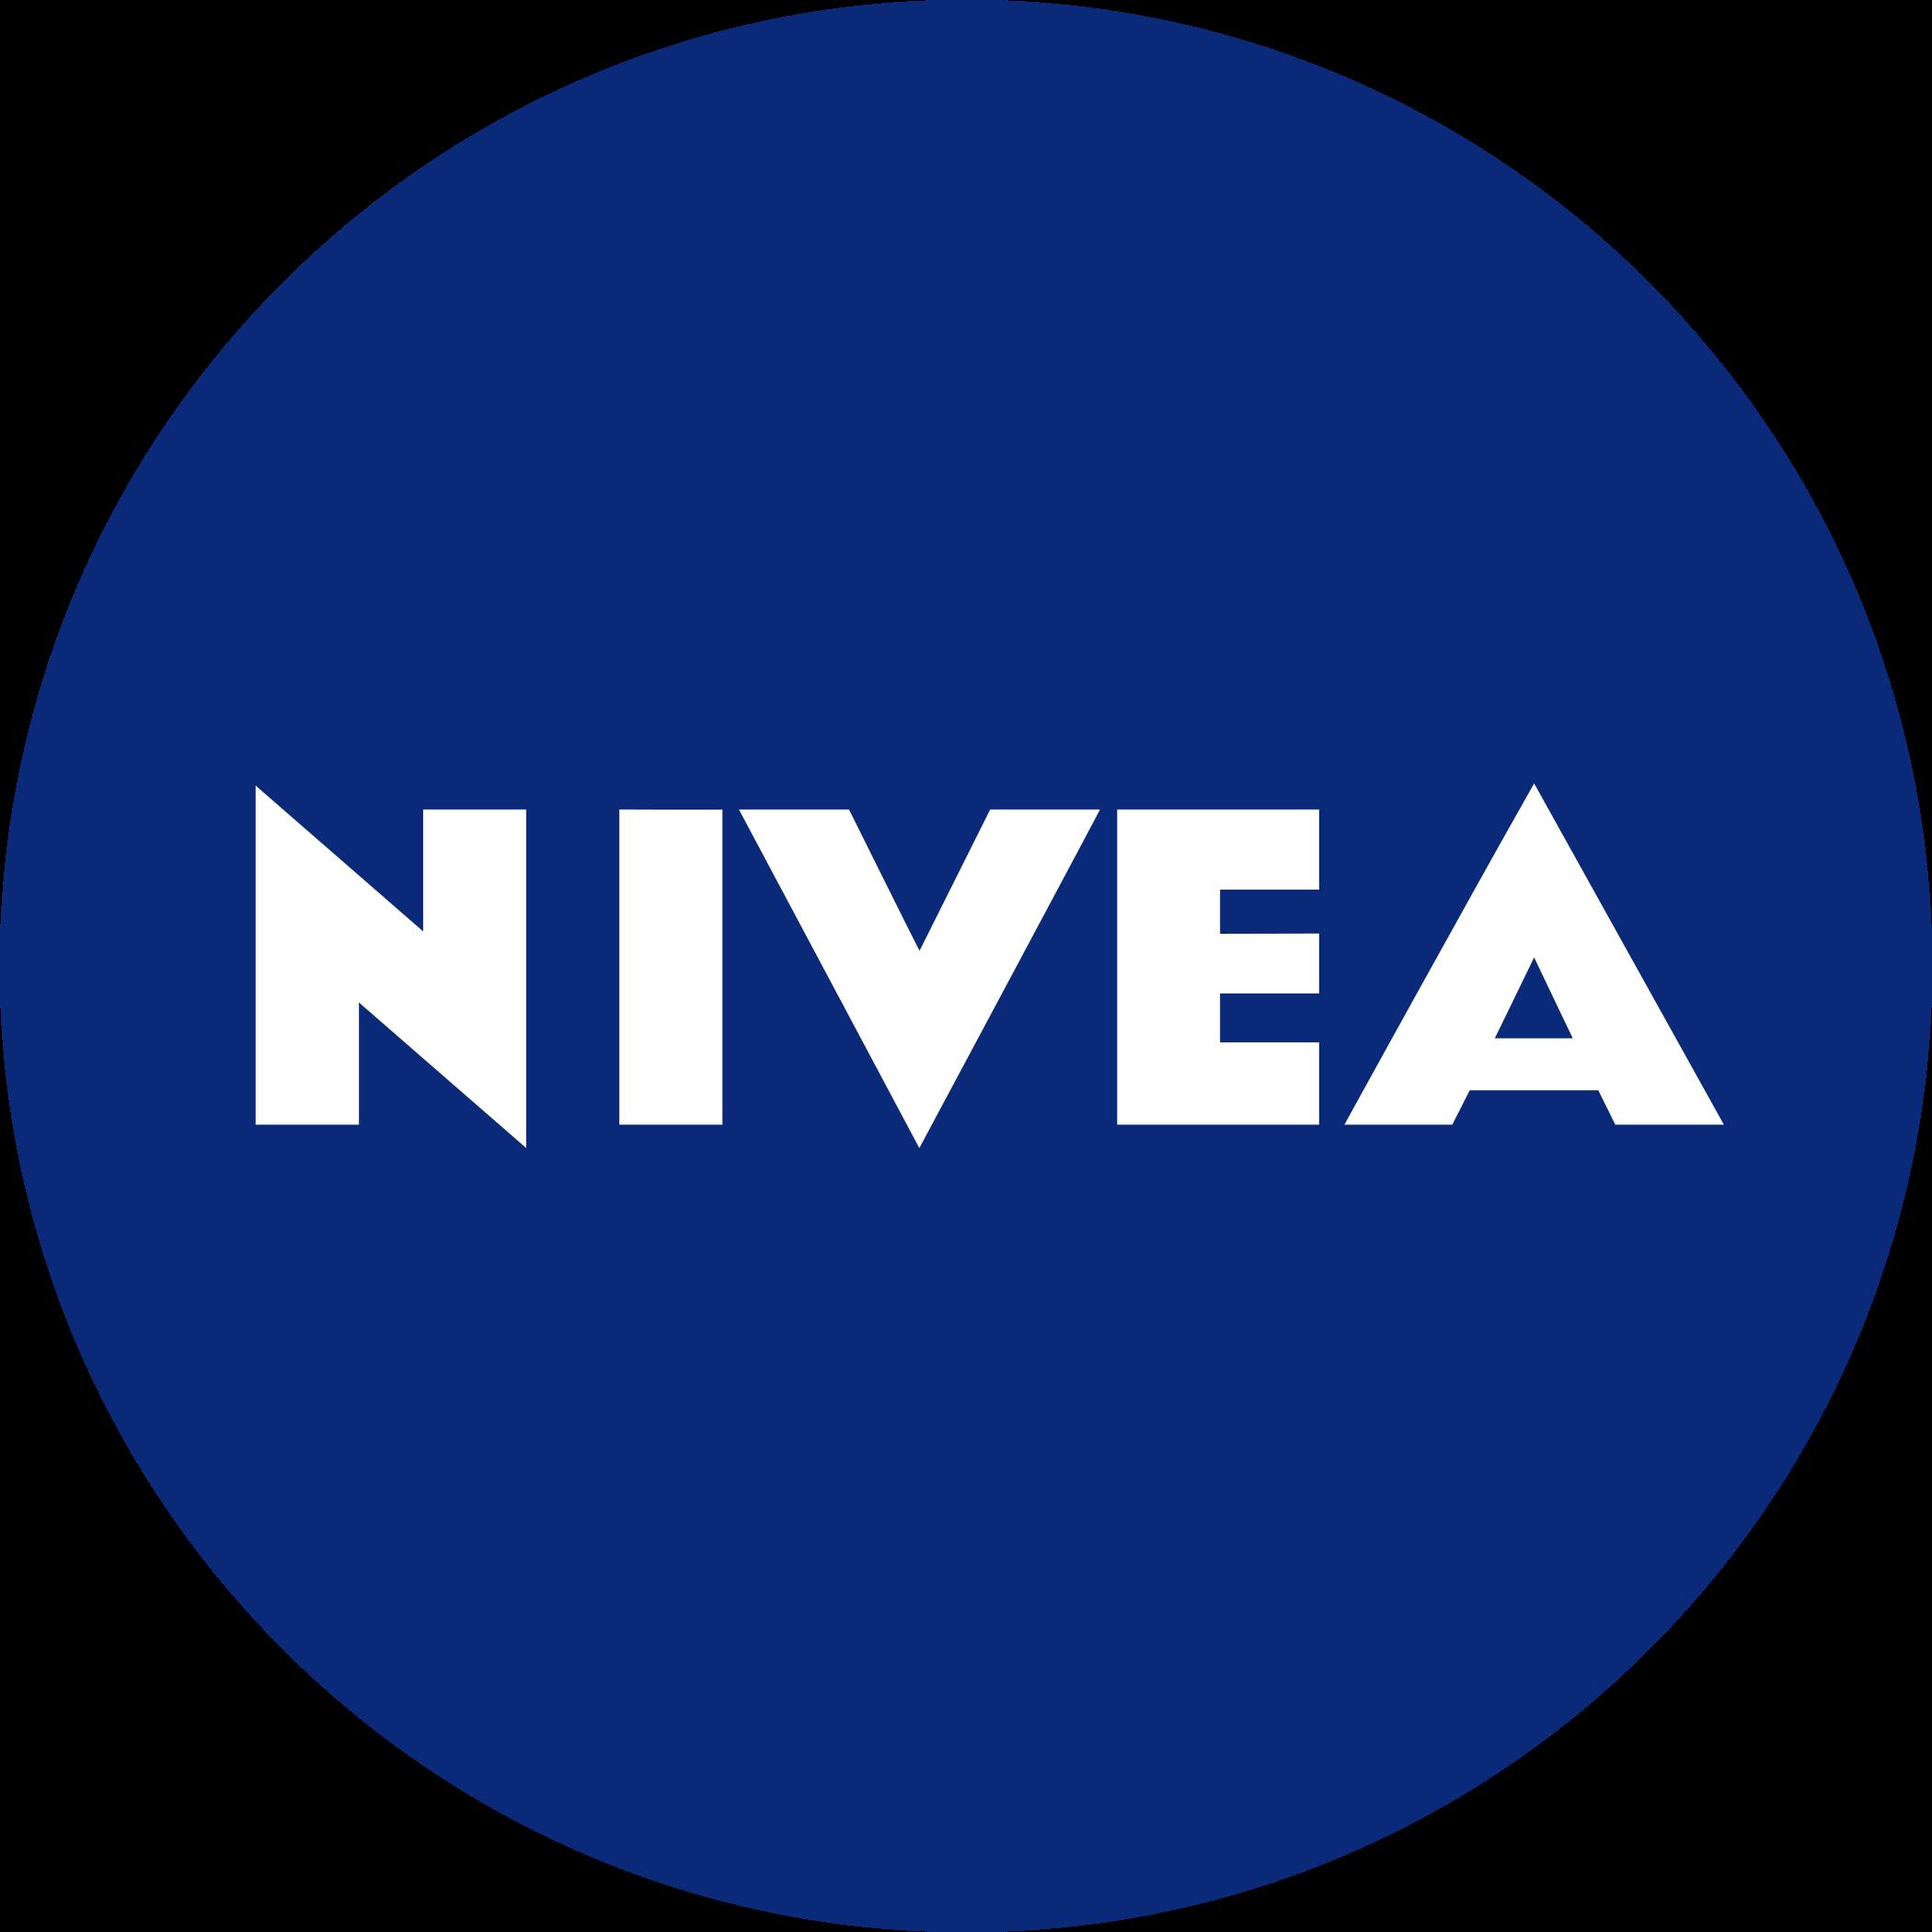 nivea logo 2 - Nivea Logo